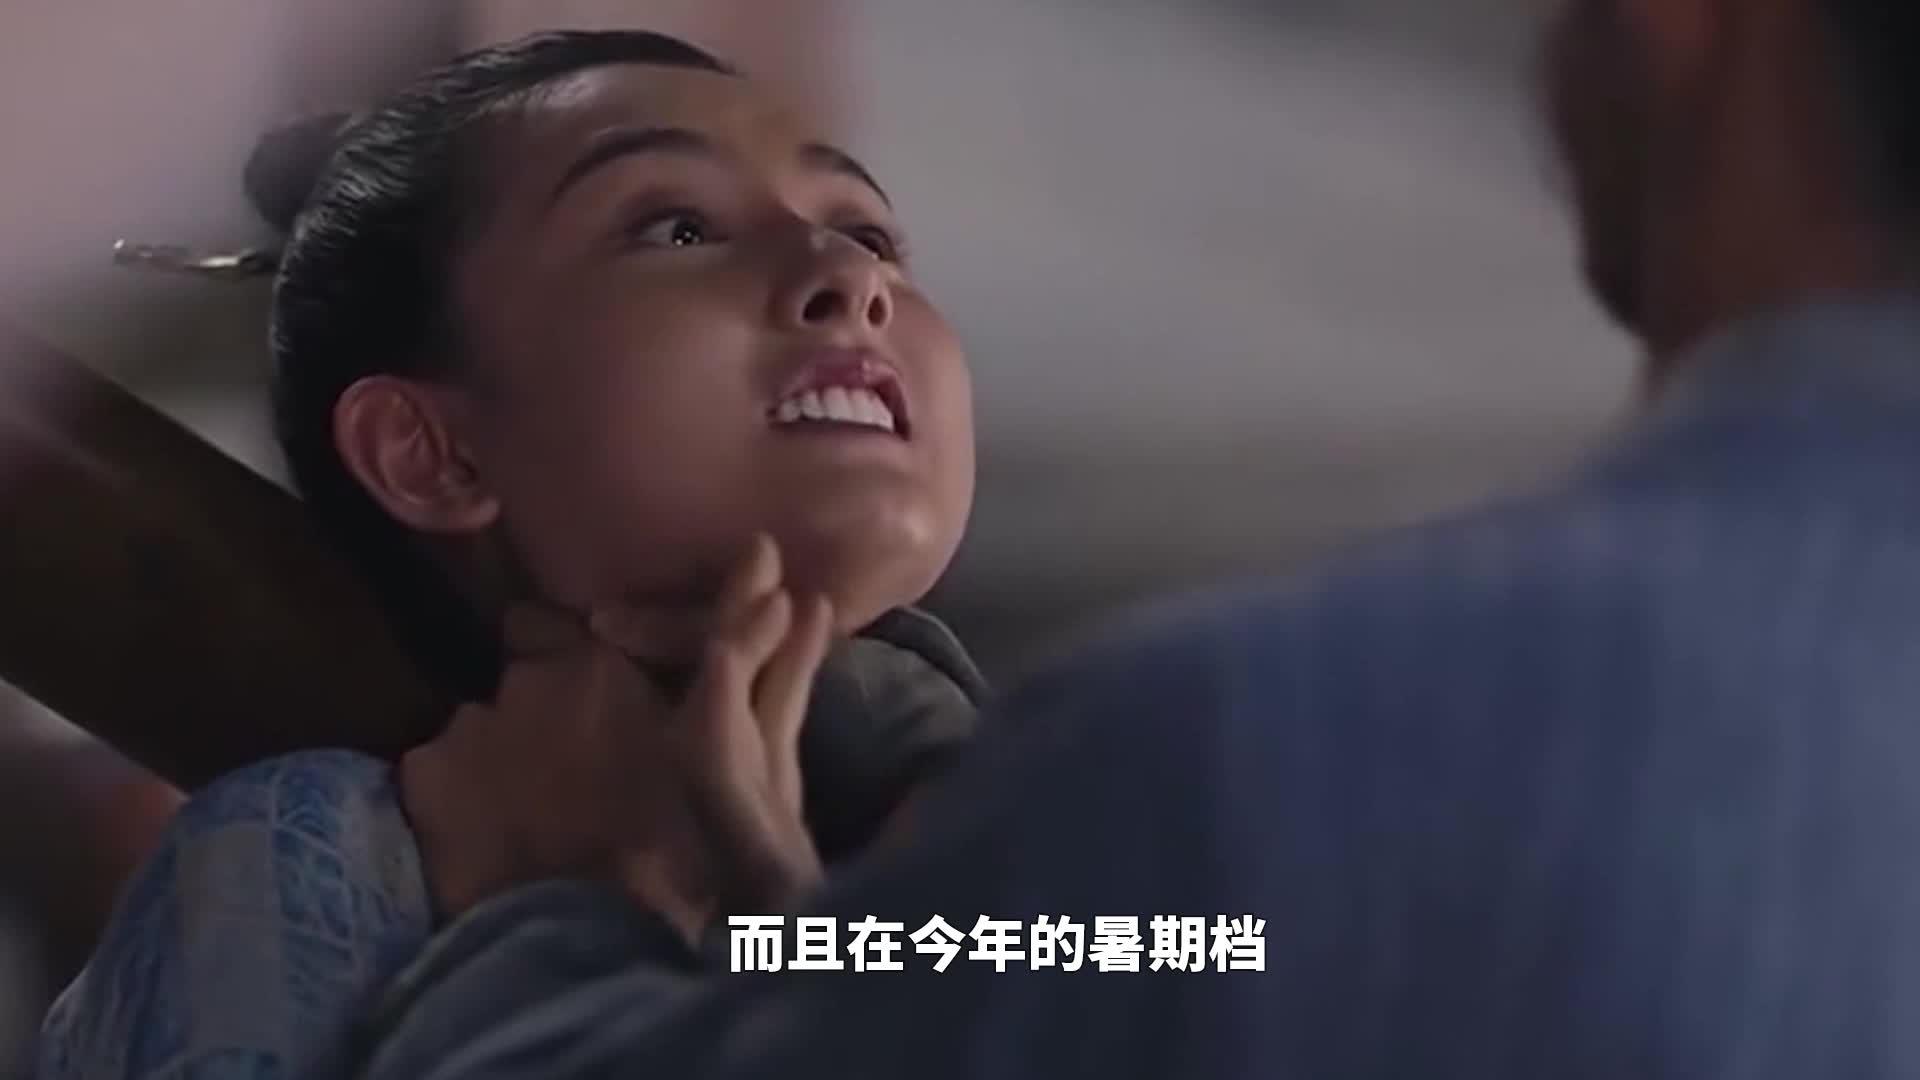 《演员请就位》翩翩少年陈若轩!演技这块拿捏的死死的!